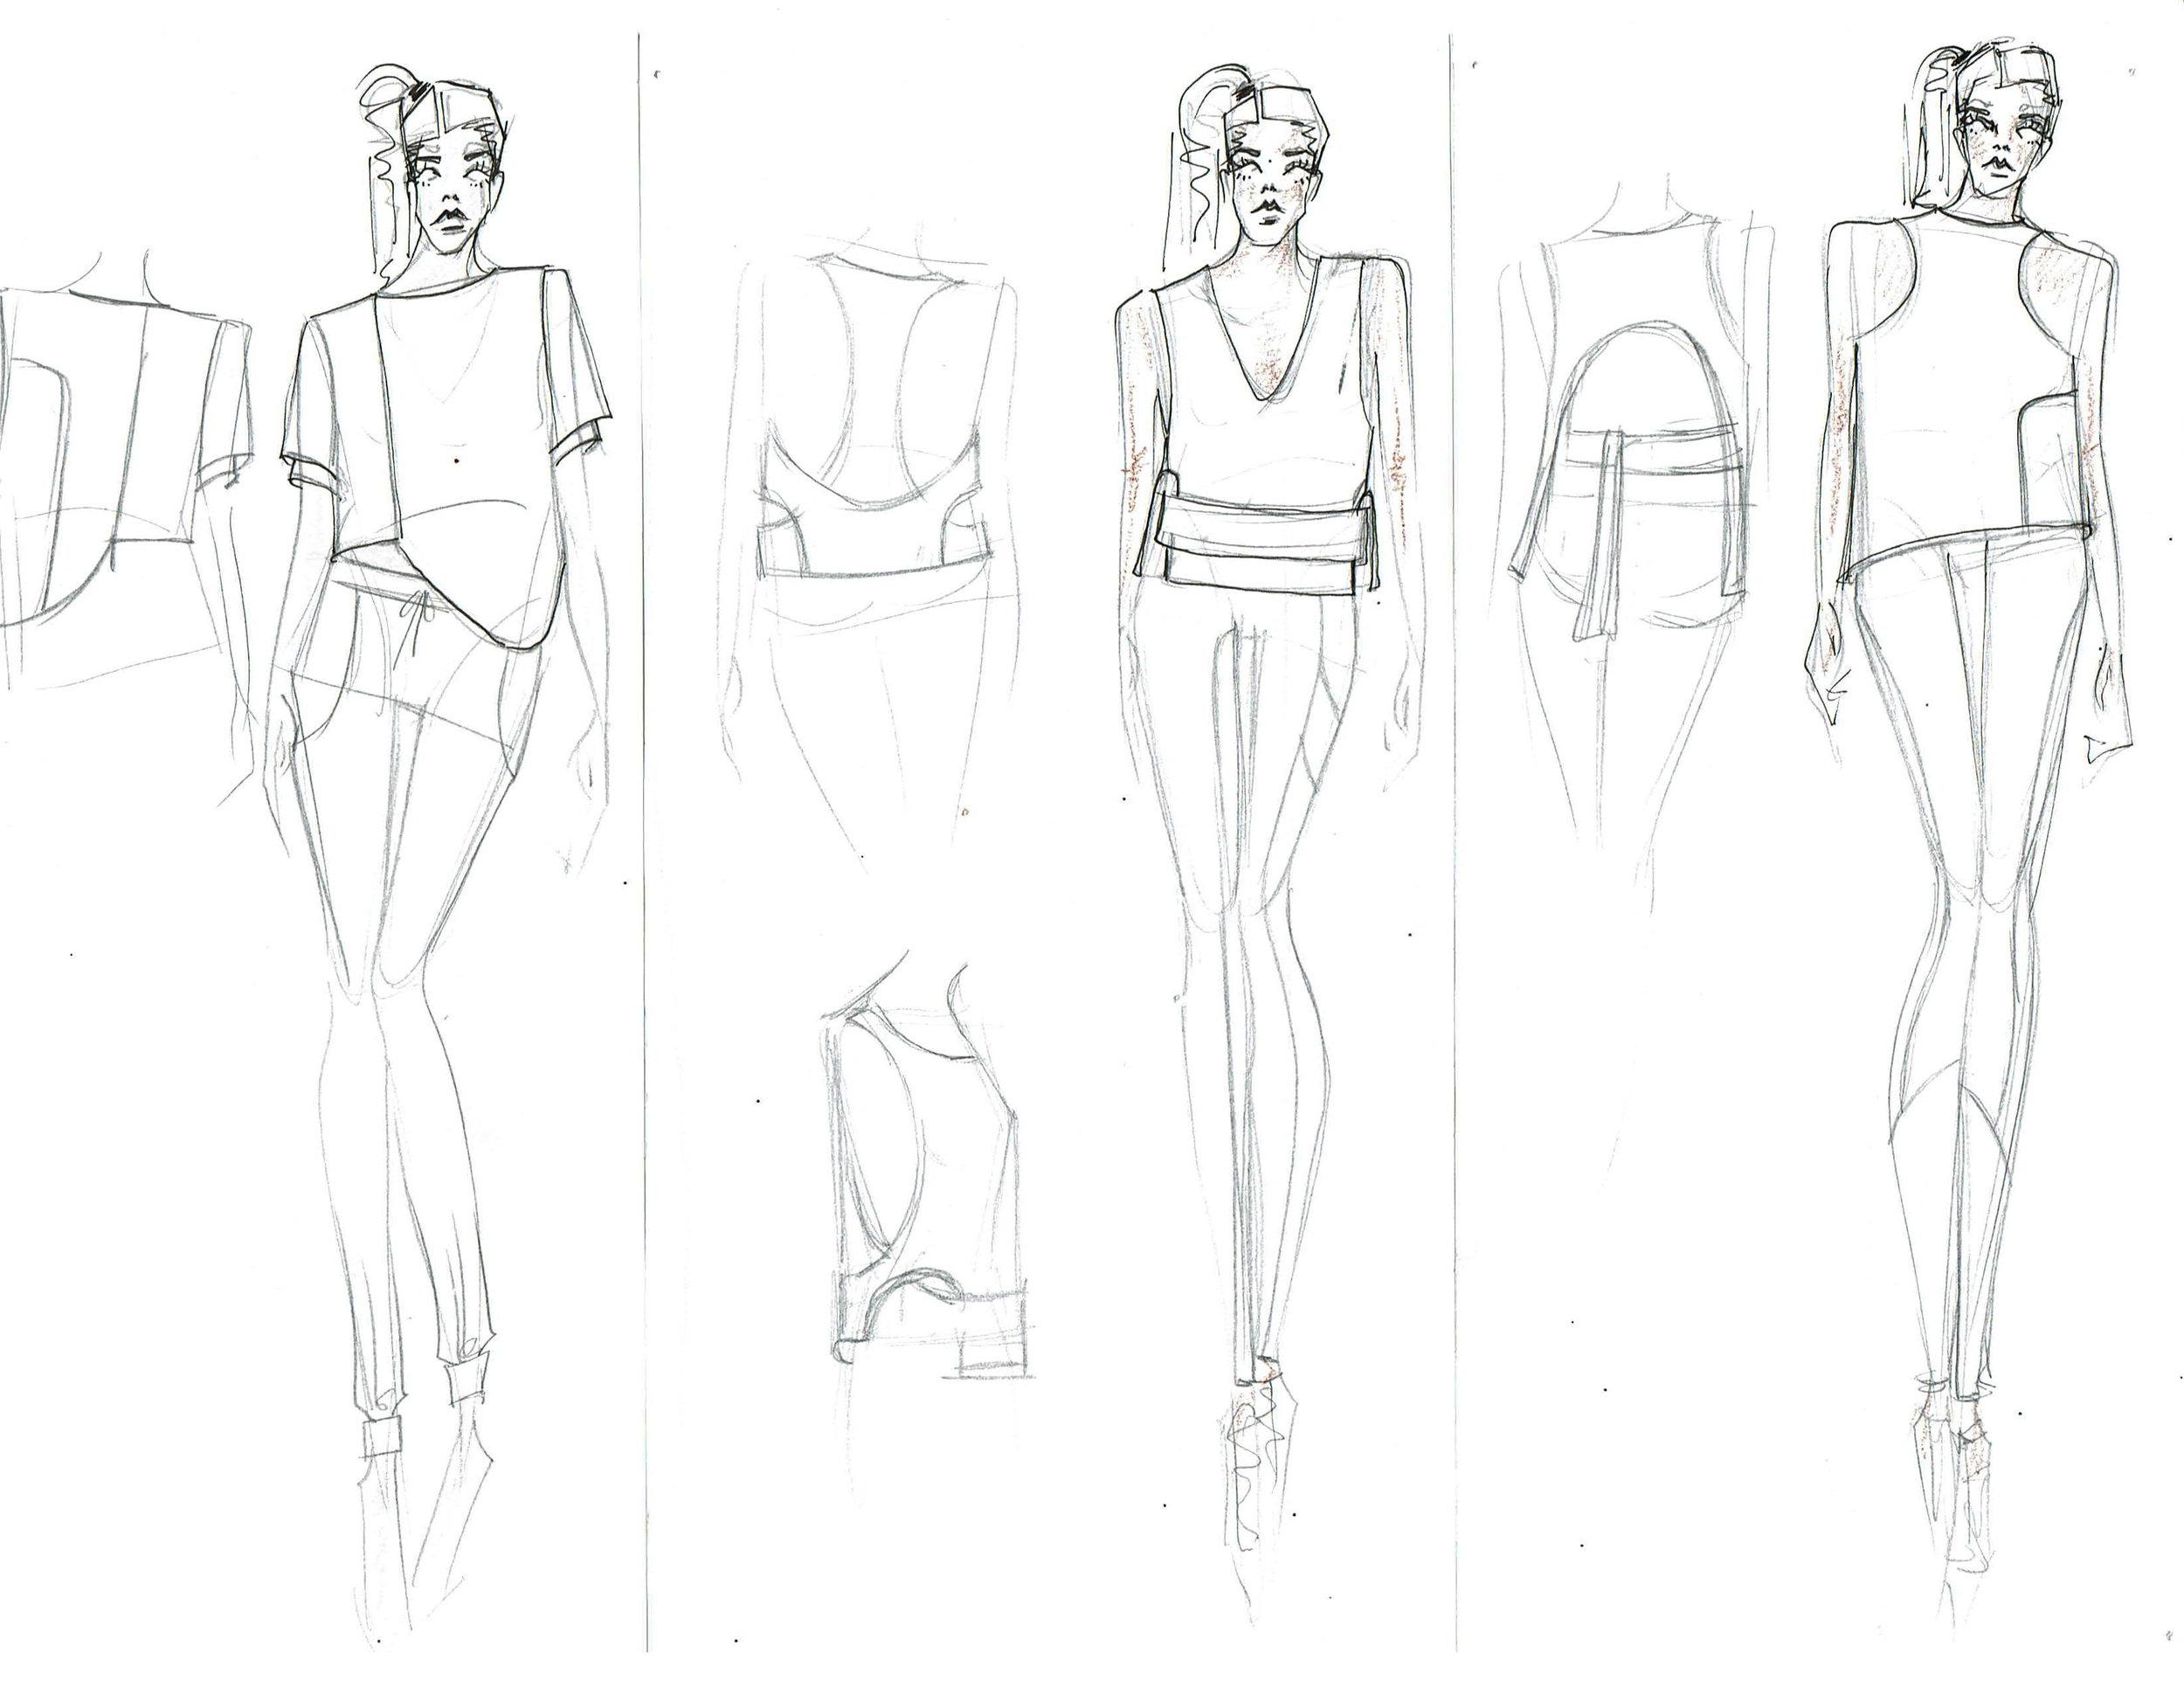 sketches7 copy.jpg